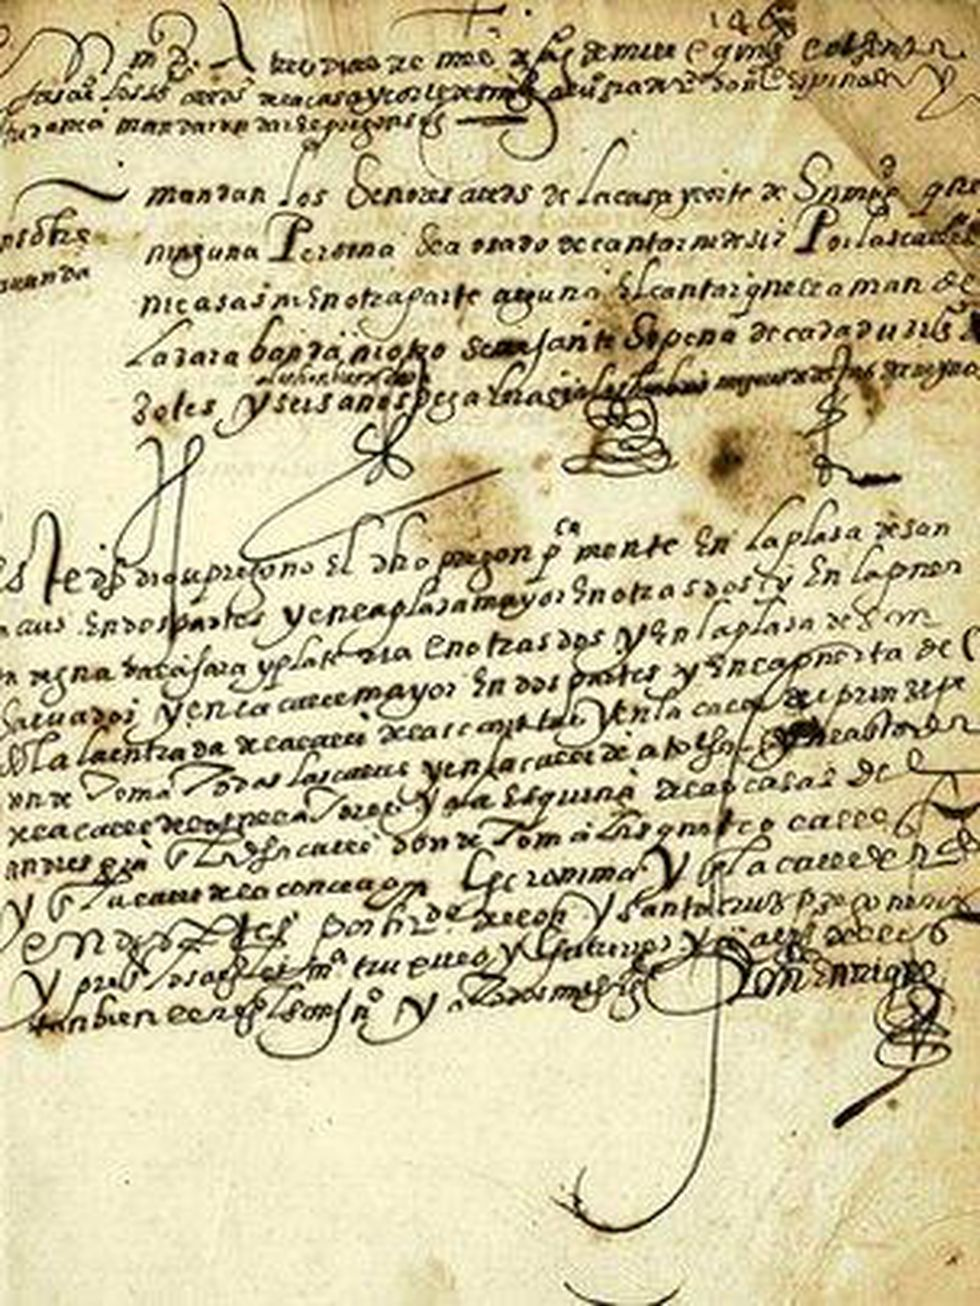 Prohibición de la zarabanda por la Sala de Alcaldes de Madrid, 3 de agosto de 1583. Archivo Histórico Nacional, Sala de Alcaldes; Consejos, lib. I, f. 146